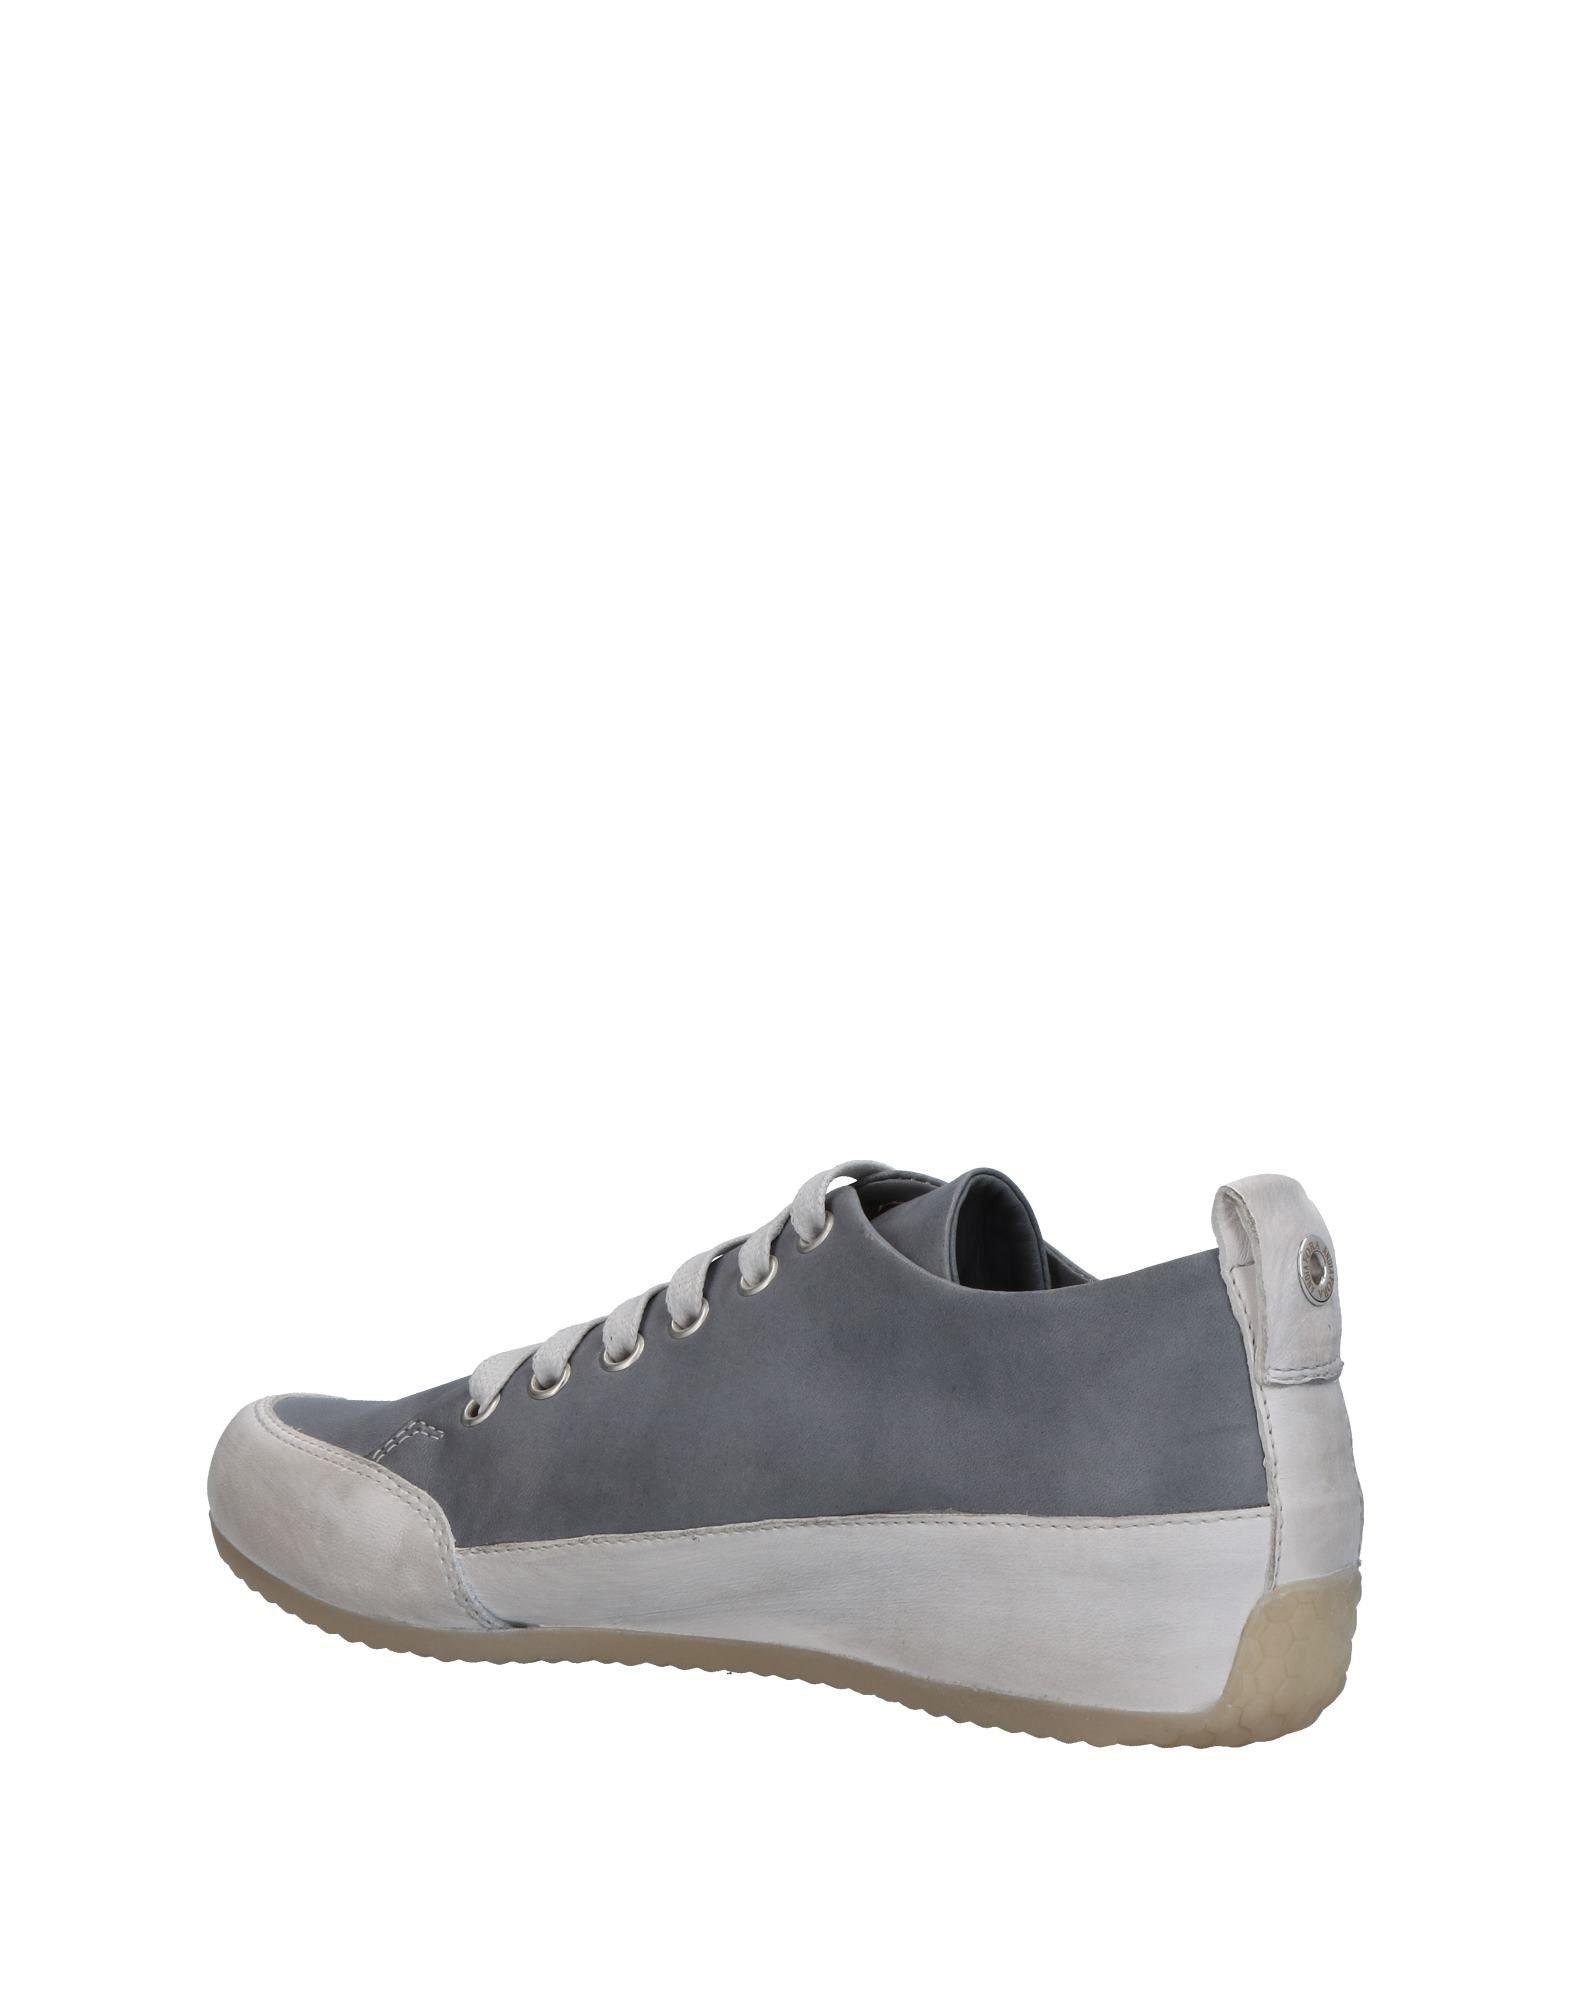 Andìa Fora Schnürschuhe Damen  Schuhe 11395291HC Gute Qualität beliebte Schuhe  67c0f8